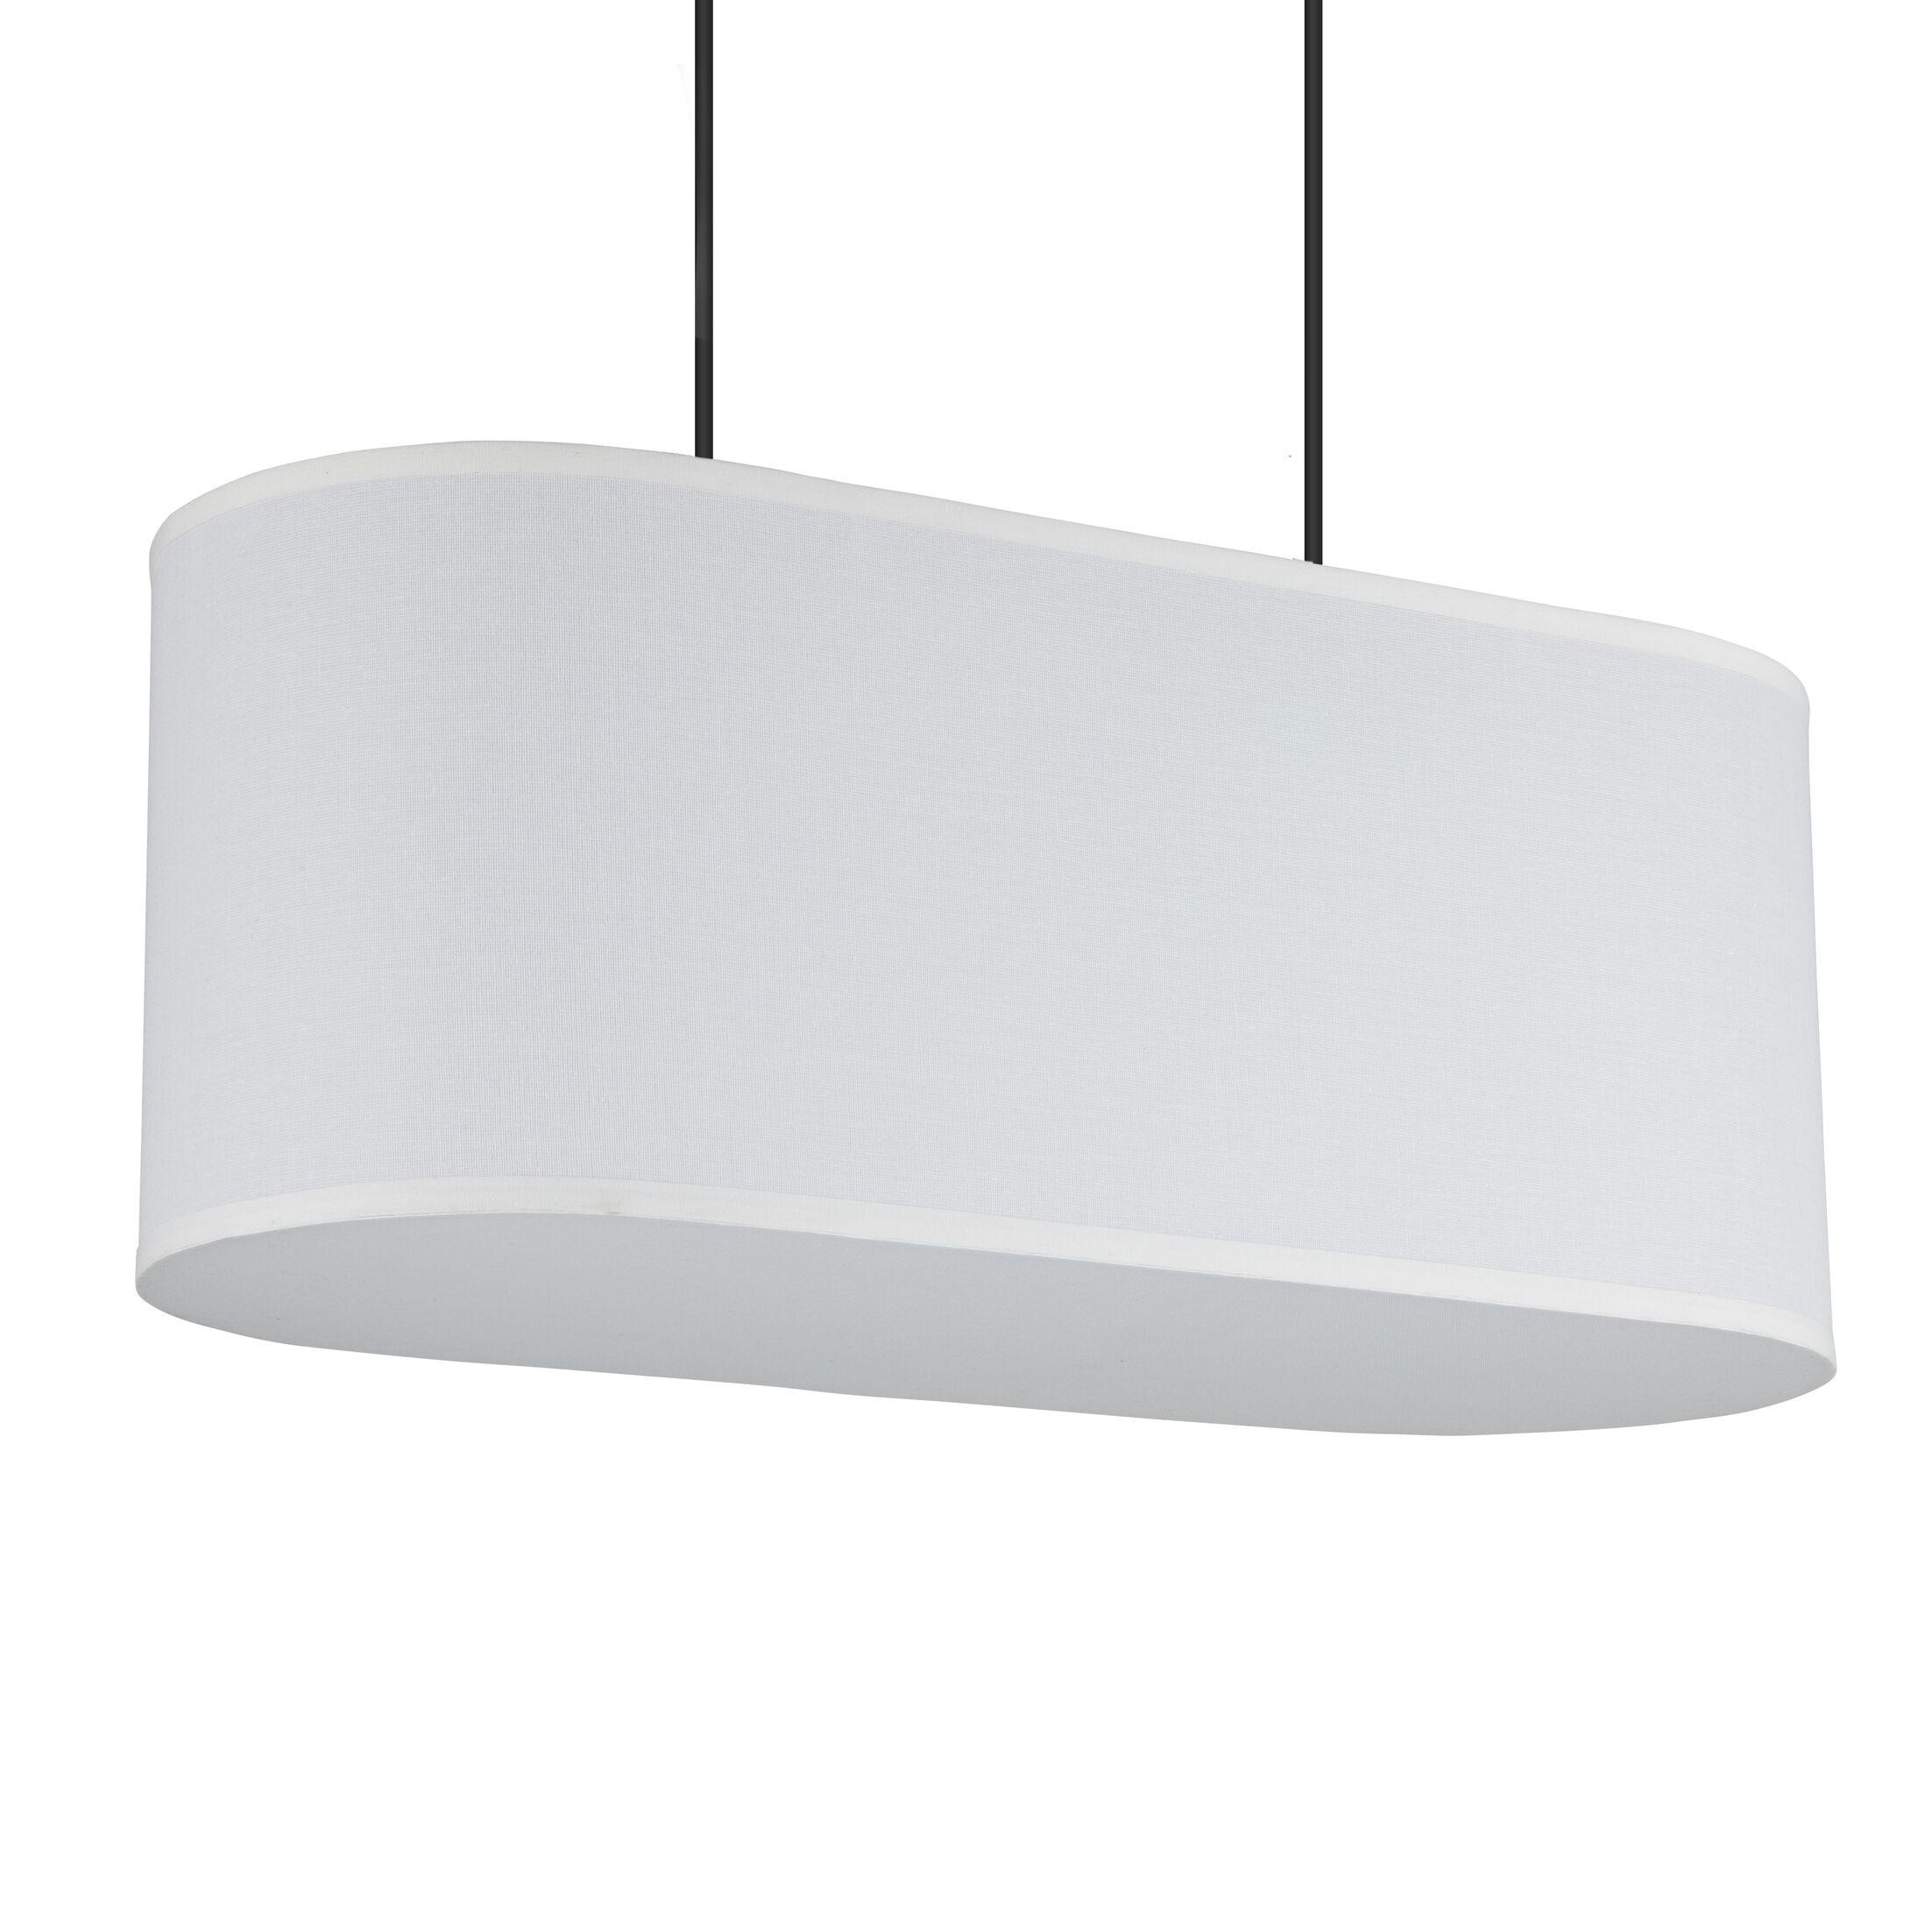 Blip 2-Light Pendant Shade Color: White Linen